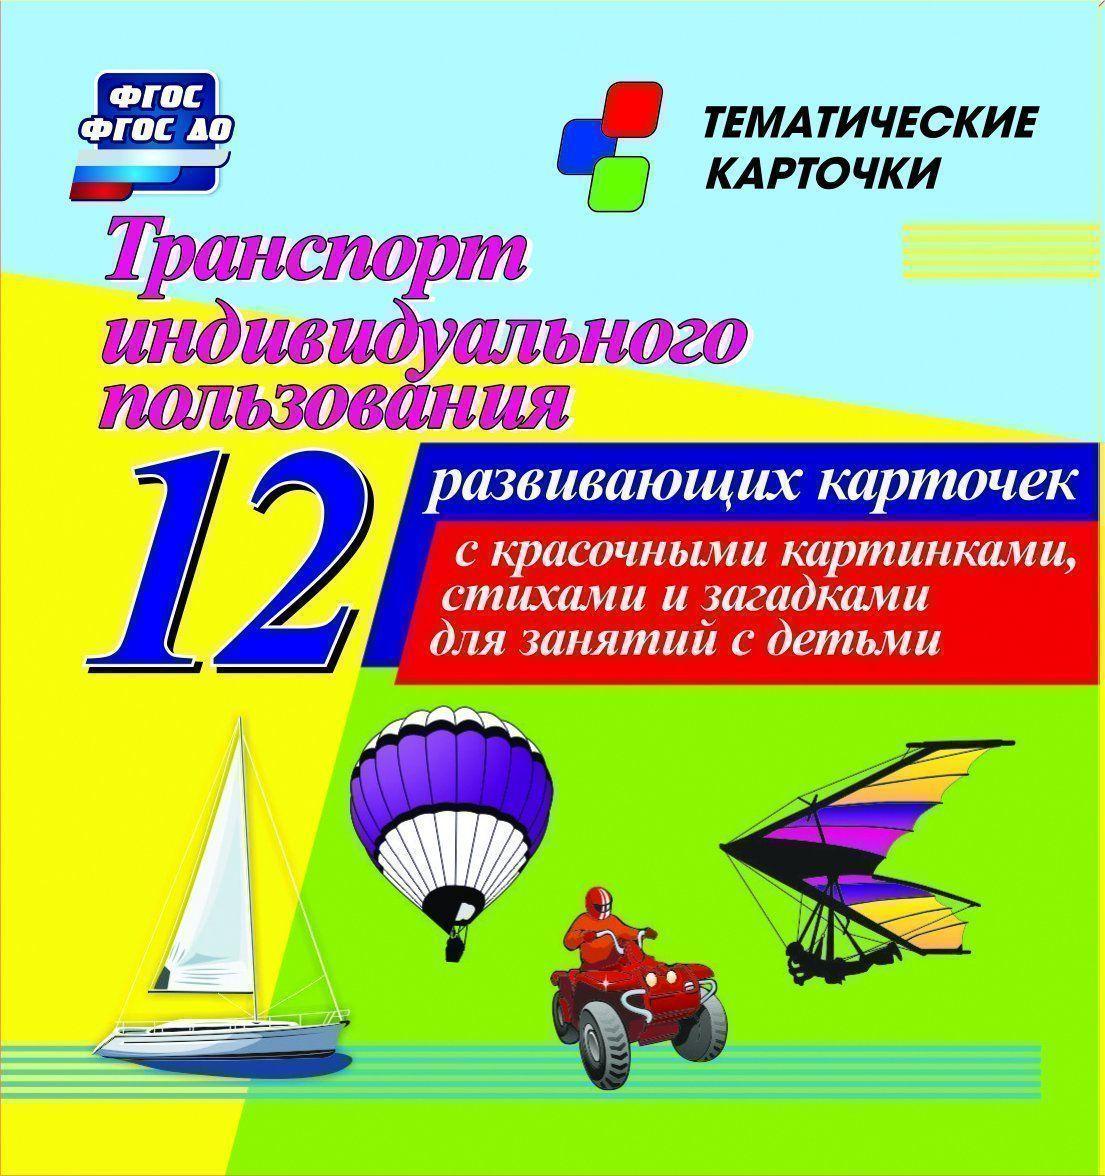 Транспорт индивидуального пользования: 12 развивающих карточек с красочными картинками, стихами и загадками для занятий с детьмиРазвитие дошкольника<br>Комплект тематических карточек Транспорт индивидуального пользования:1.яхта (парусник); 2. воздушный шар; 3. гидроикл; 4. снегоход; 5. мотоцикл; 6. скутер (мотороллер);  7. самокат; 8. лодка; 9. квадроцикл; 10. велосипед; 11. веломобиль; 12. дельтаплан.<br><br>Год: 2017<br>Серия: Тематические карточки<br>Высота: 99<br>Ширина: 93<br>Толщина: 8<br>Переплёт: набор